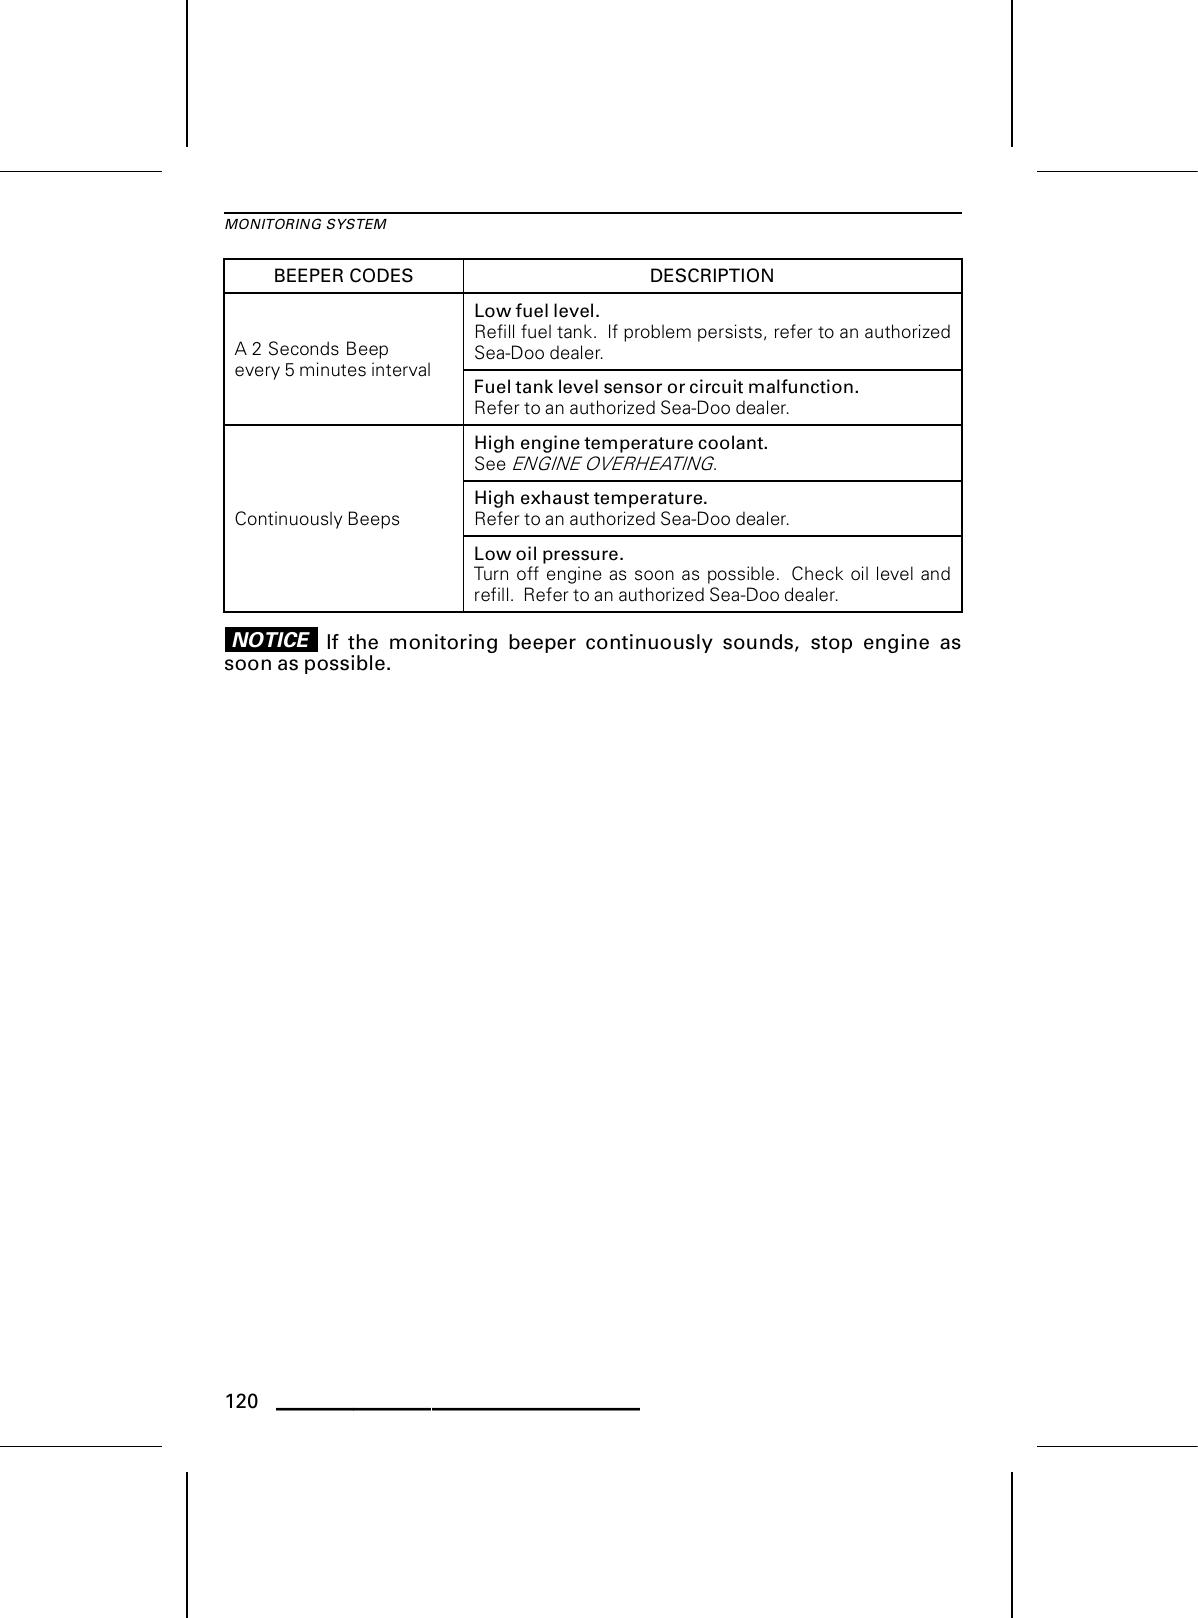 Ski Doo Gti Series Users Manual Print Preview C